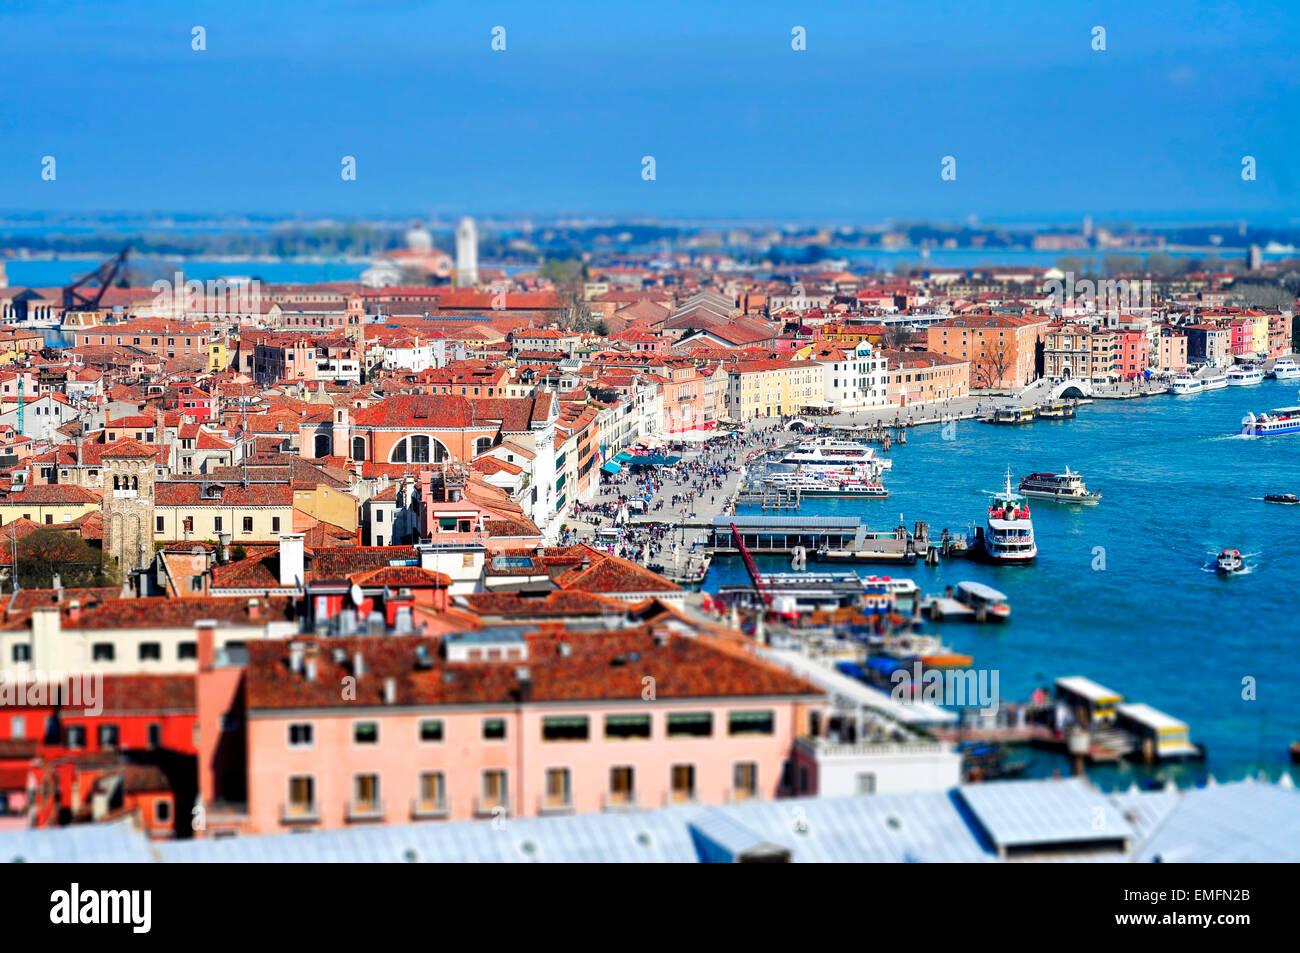 Tilt-shift fotografia del Castelo Sestieri di Venezia e della laguna, con le fermate di vaporetto Immagini Stock